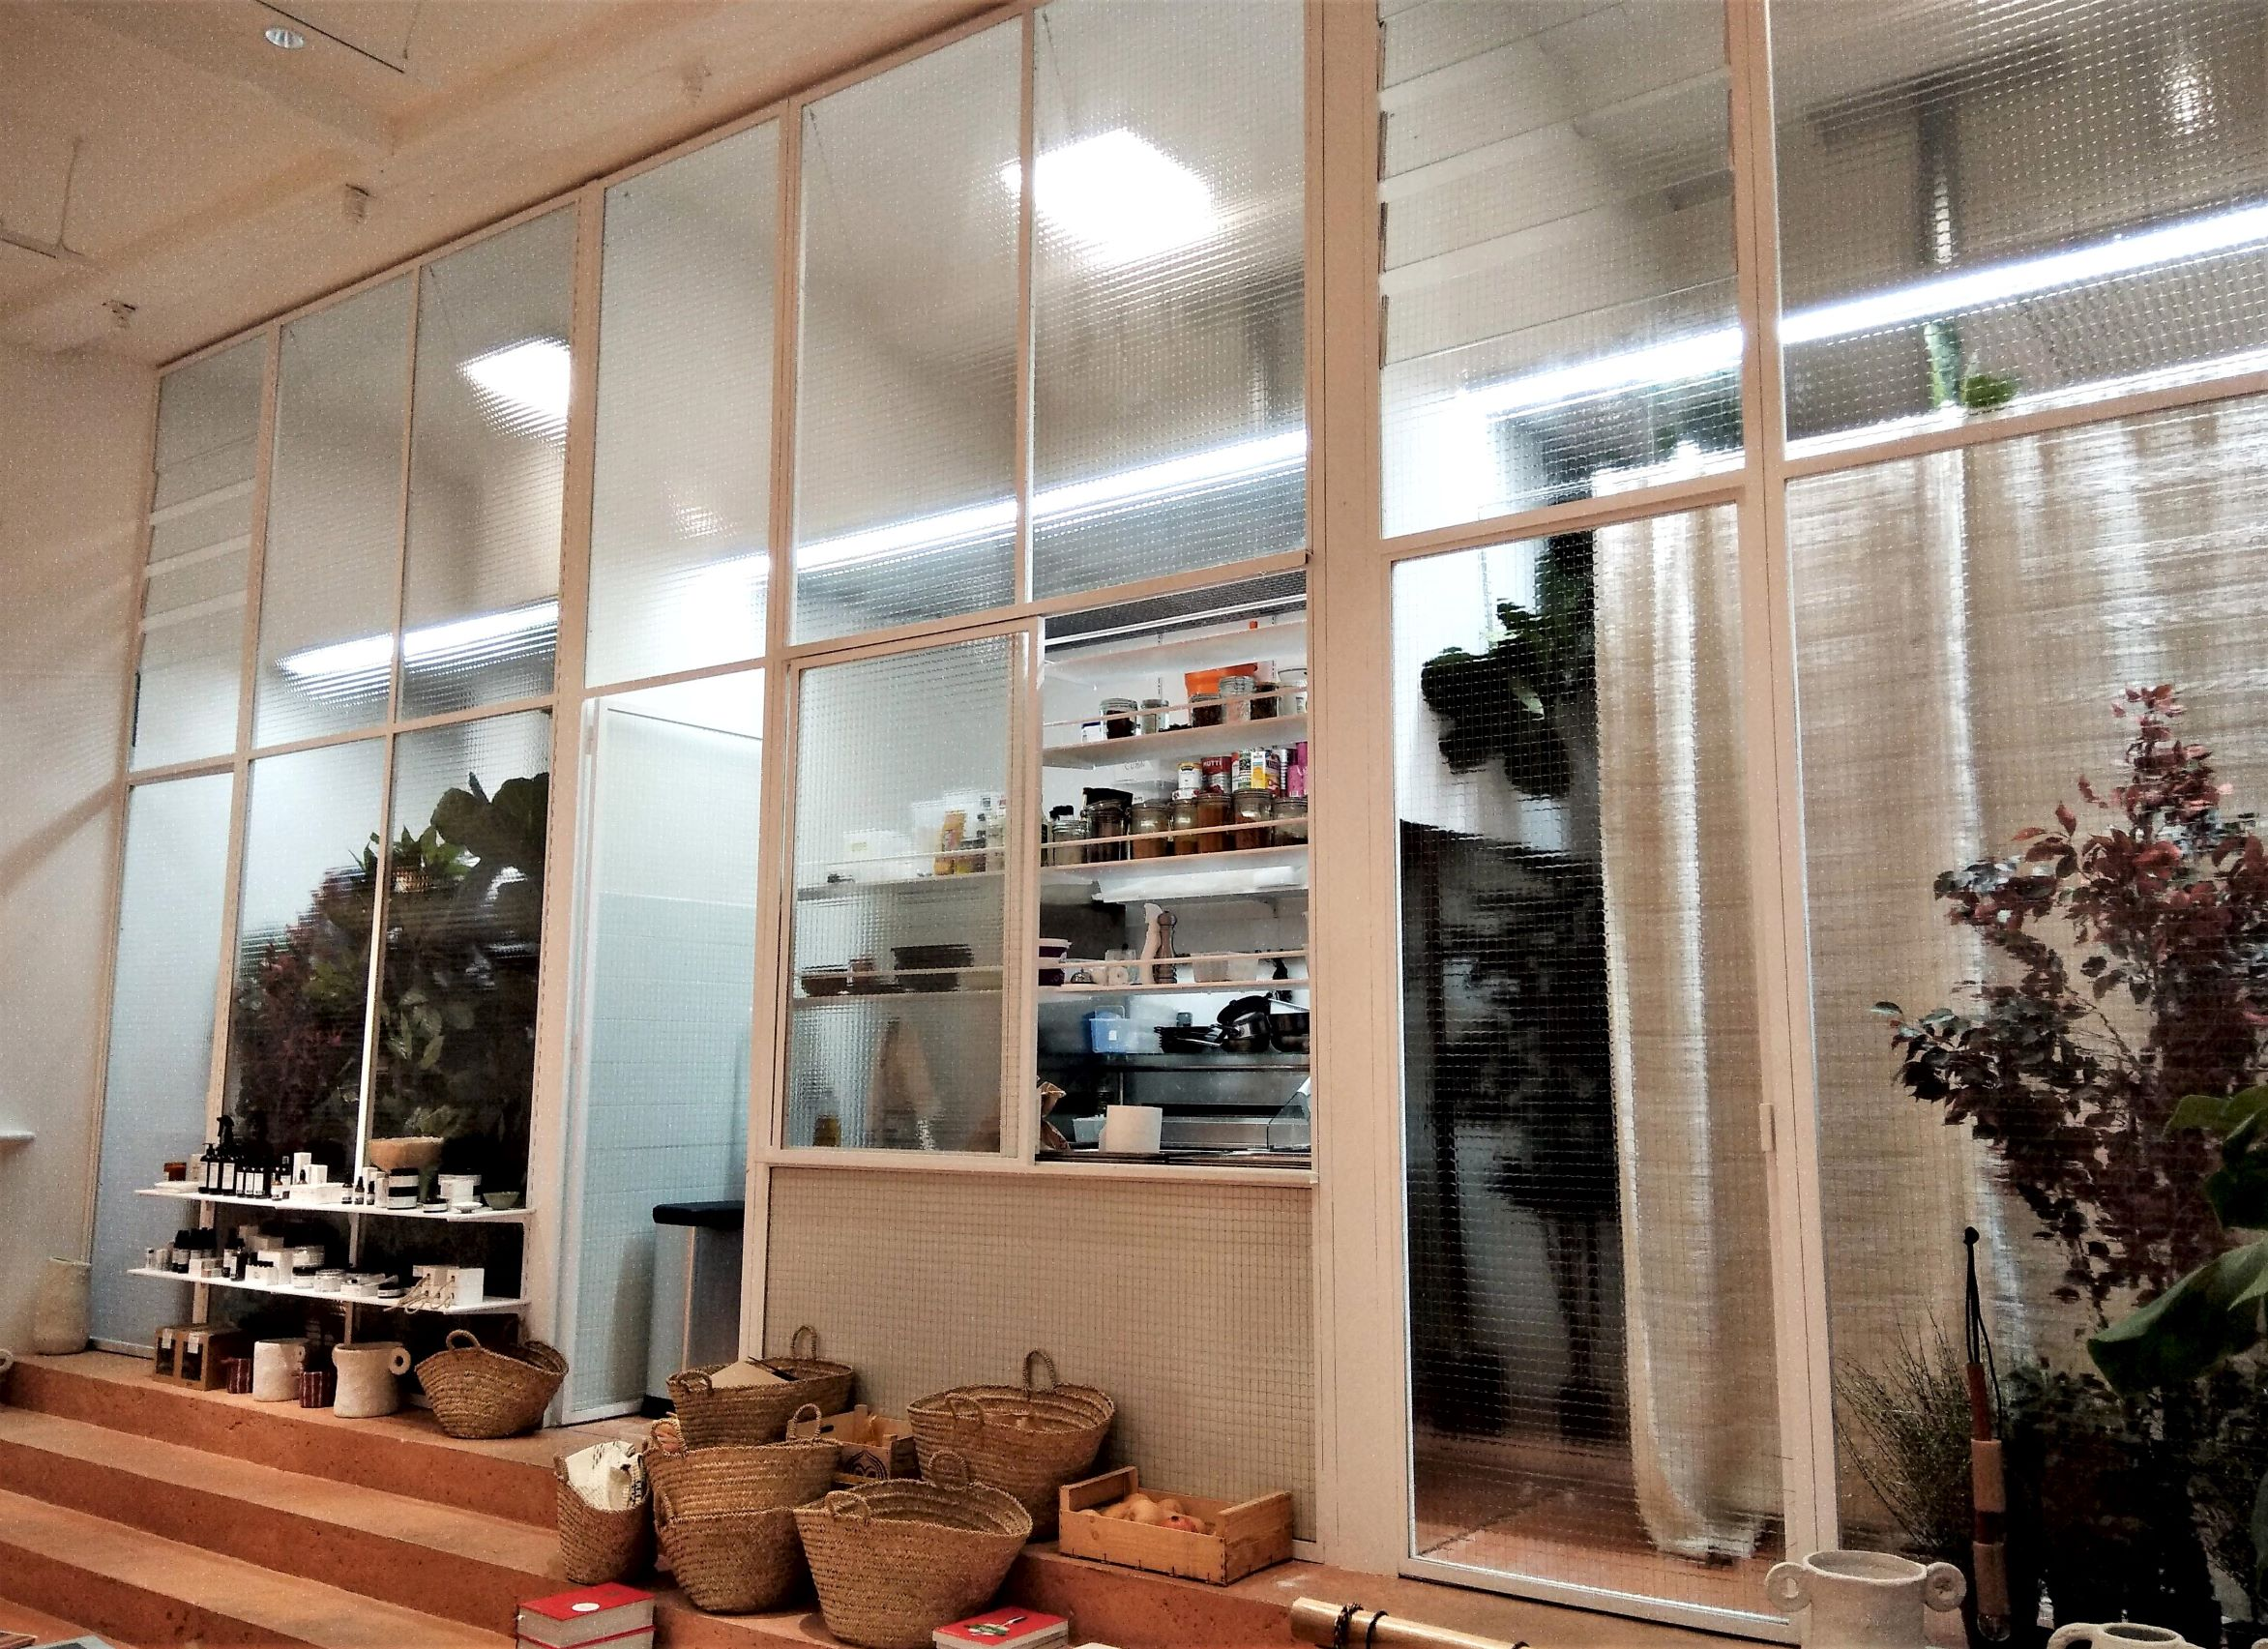 Inox N'Go ferronnier Marseille grande verrière acier peint boutique Sessun 22r